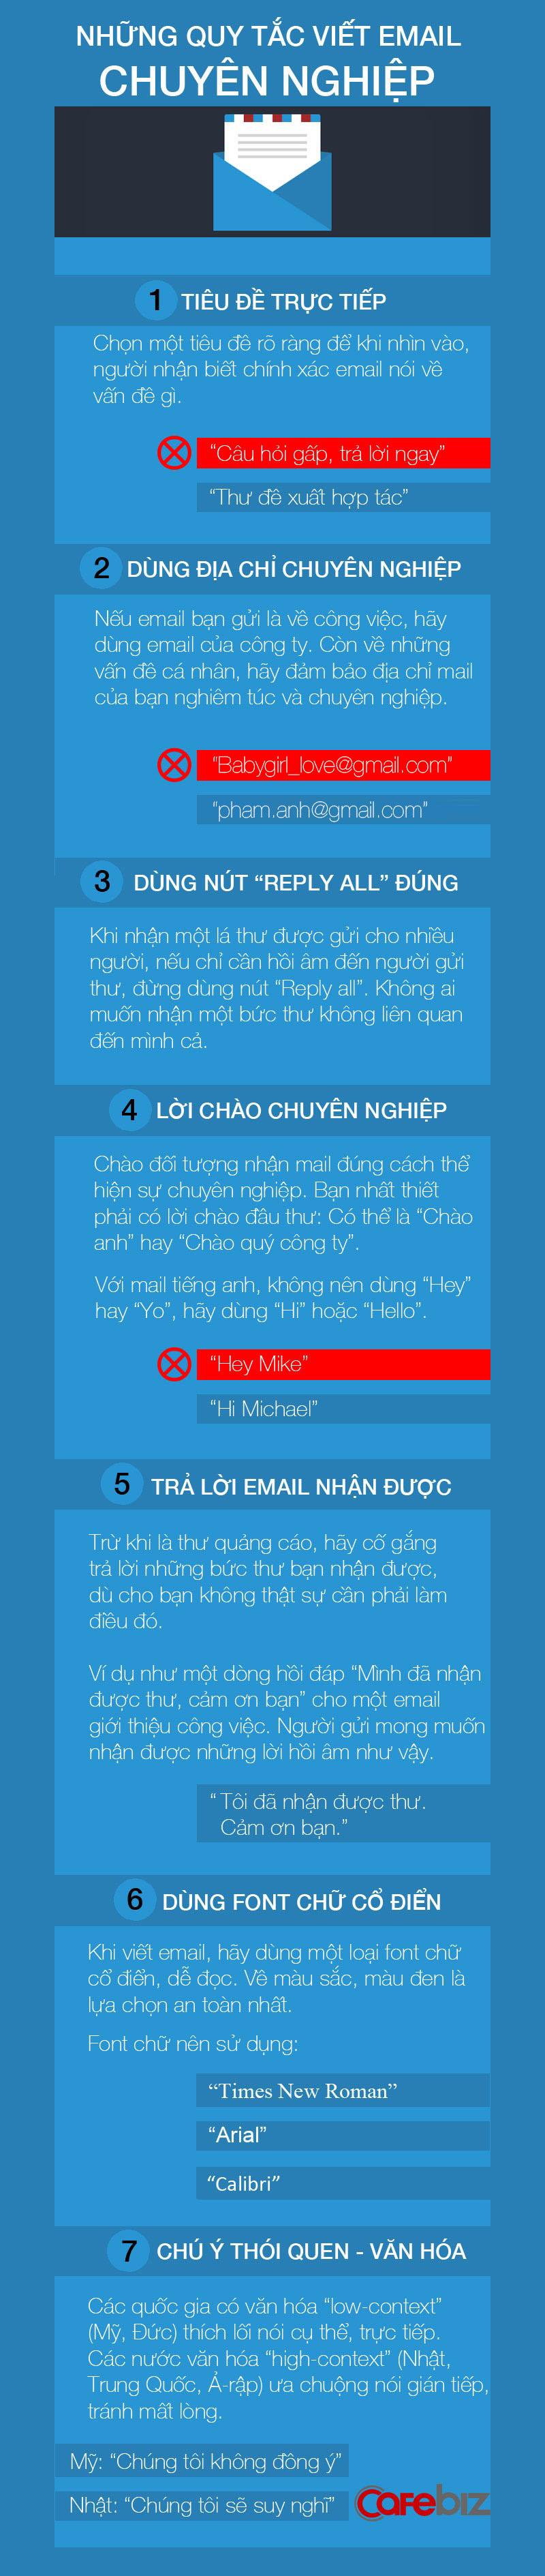 nguyen tac viet email chuyen nghiep